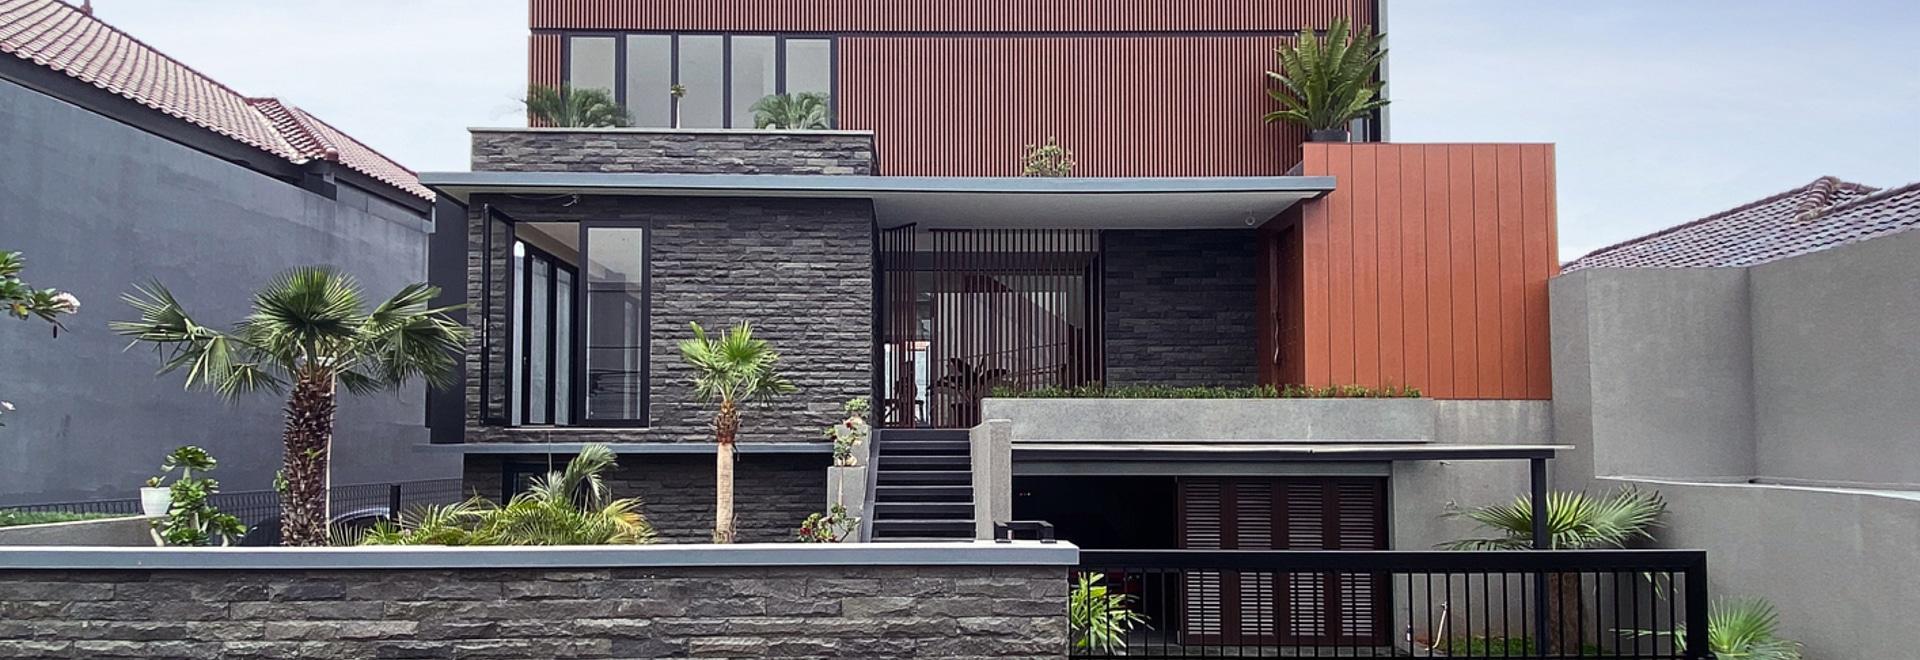 Rumah Srengseng / MASSI